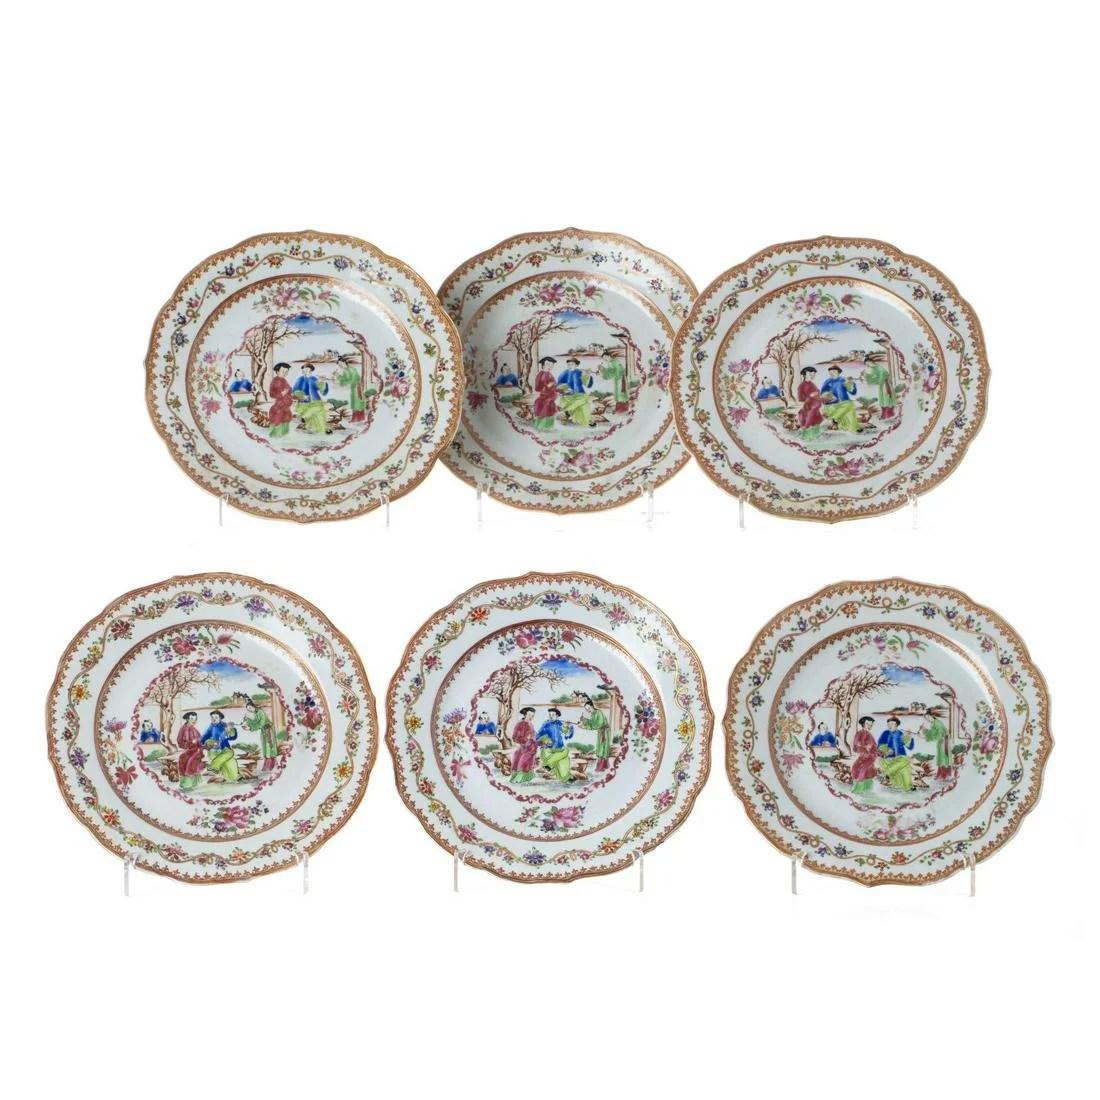 Six 'Mandarin' plates in Chinese porcelain, Qianlong